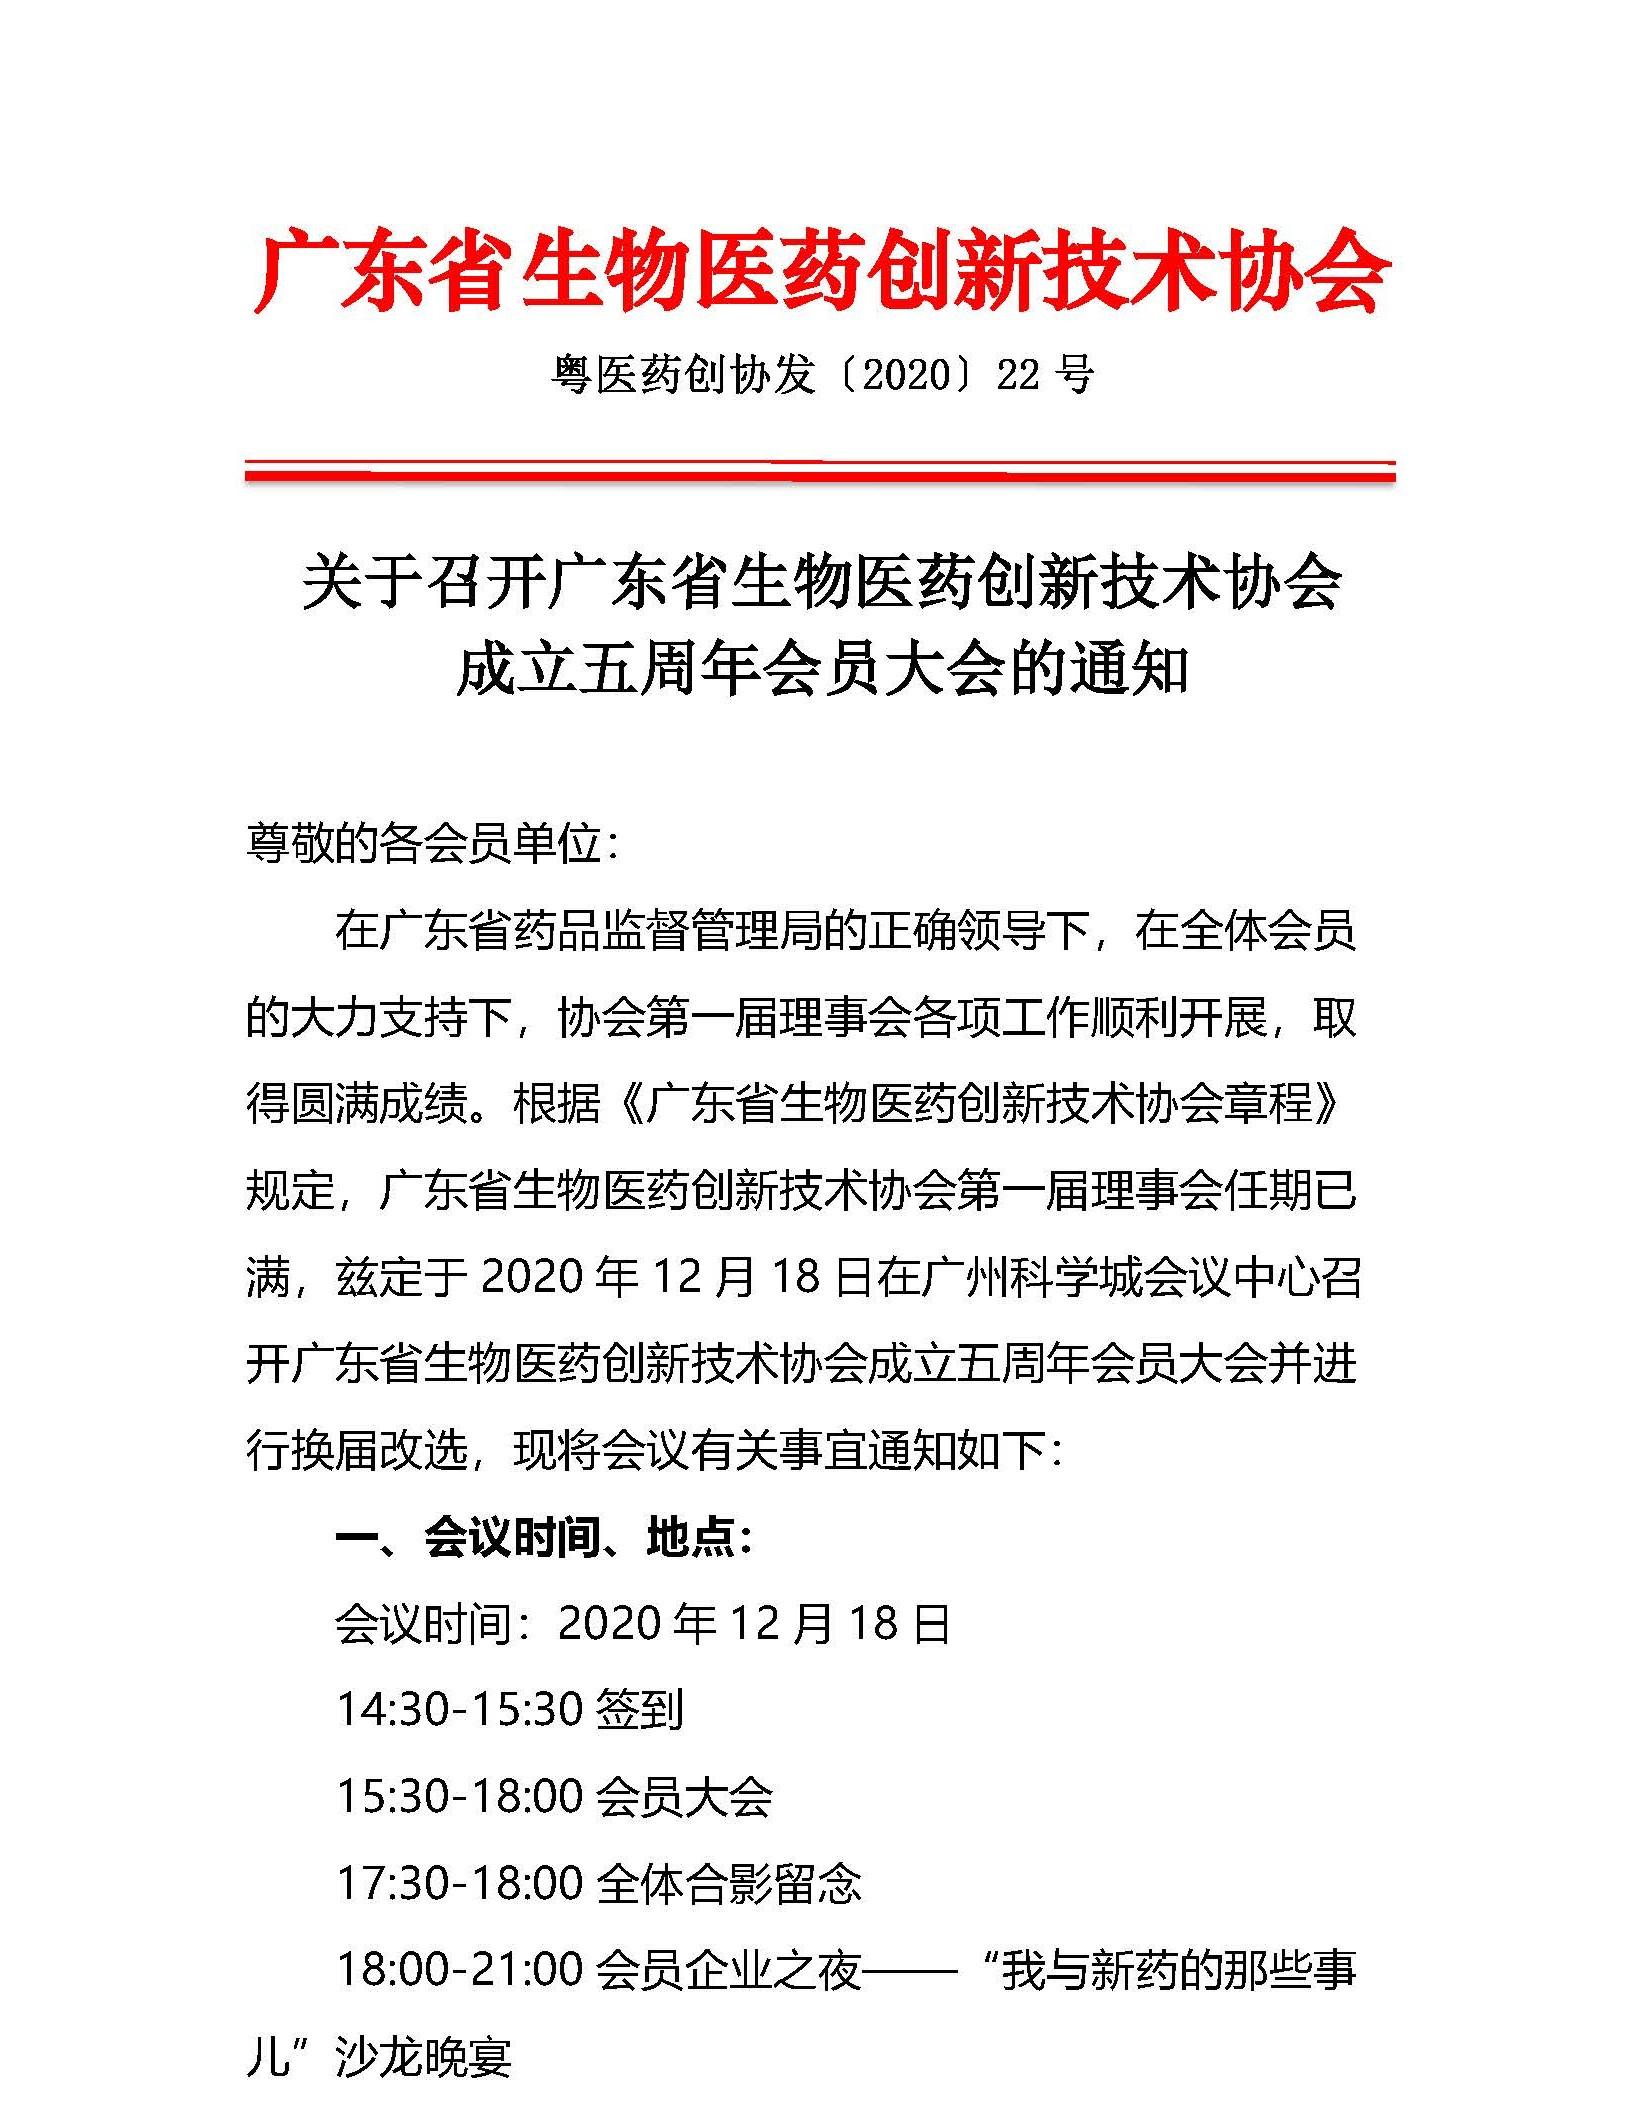 关于召开广东省生物医药创新技术协会成立五周年会员大会的通知_页面_1